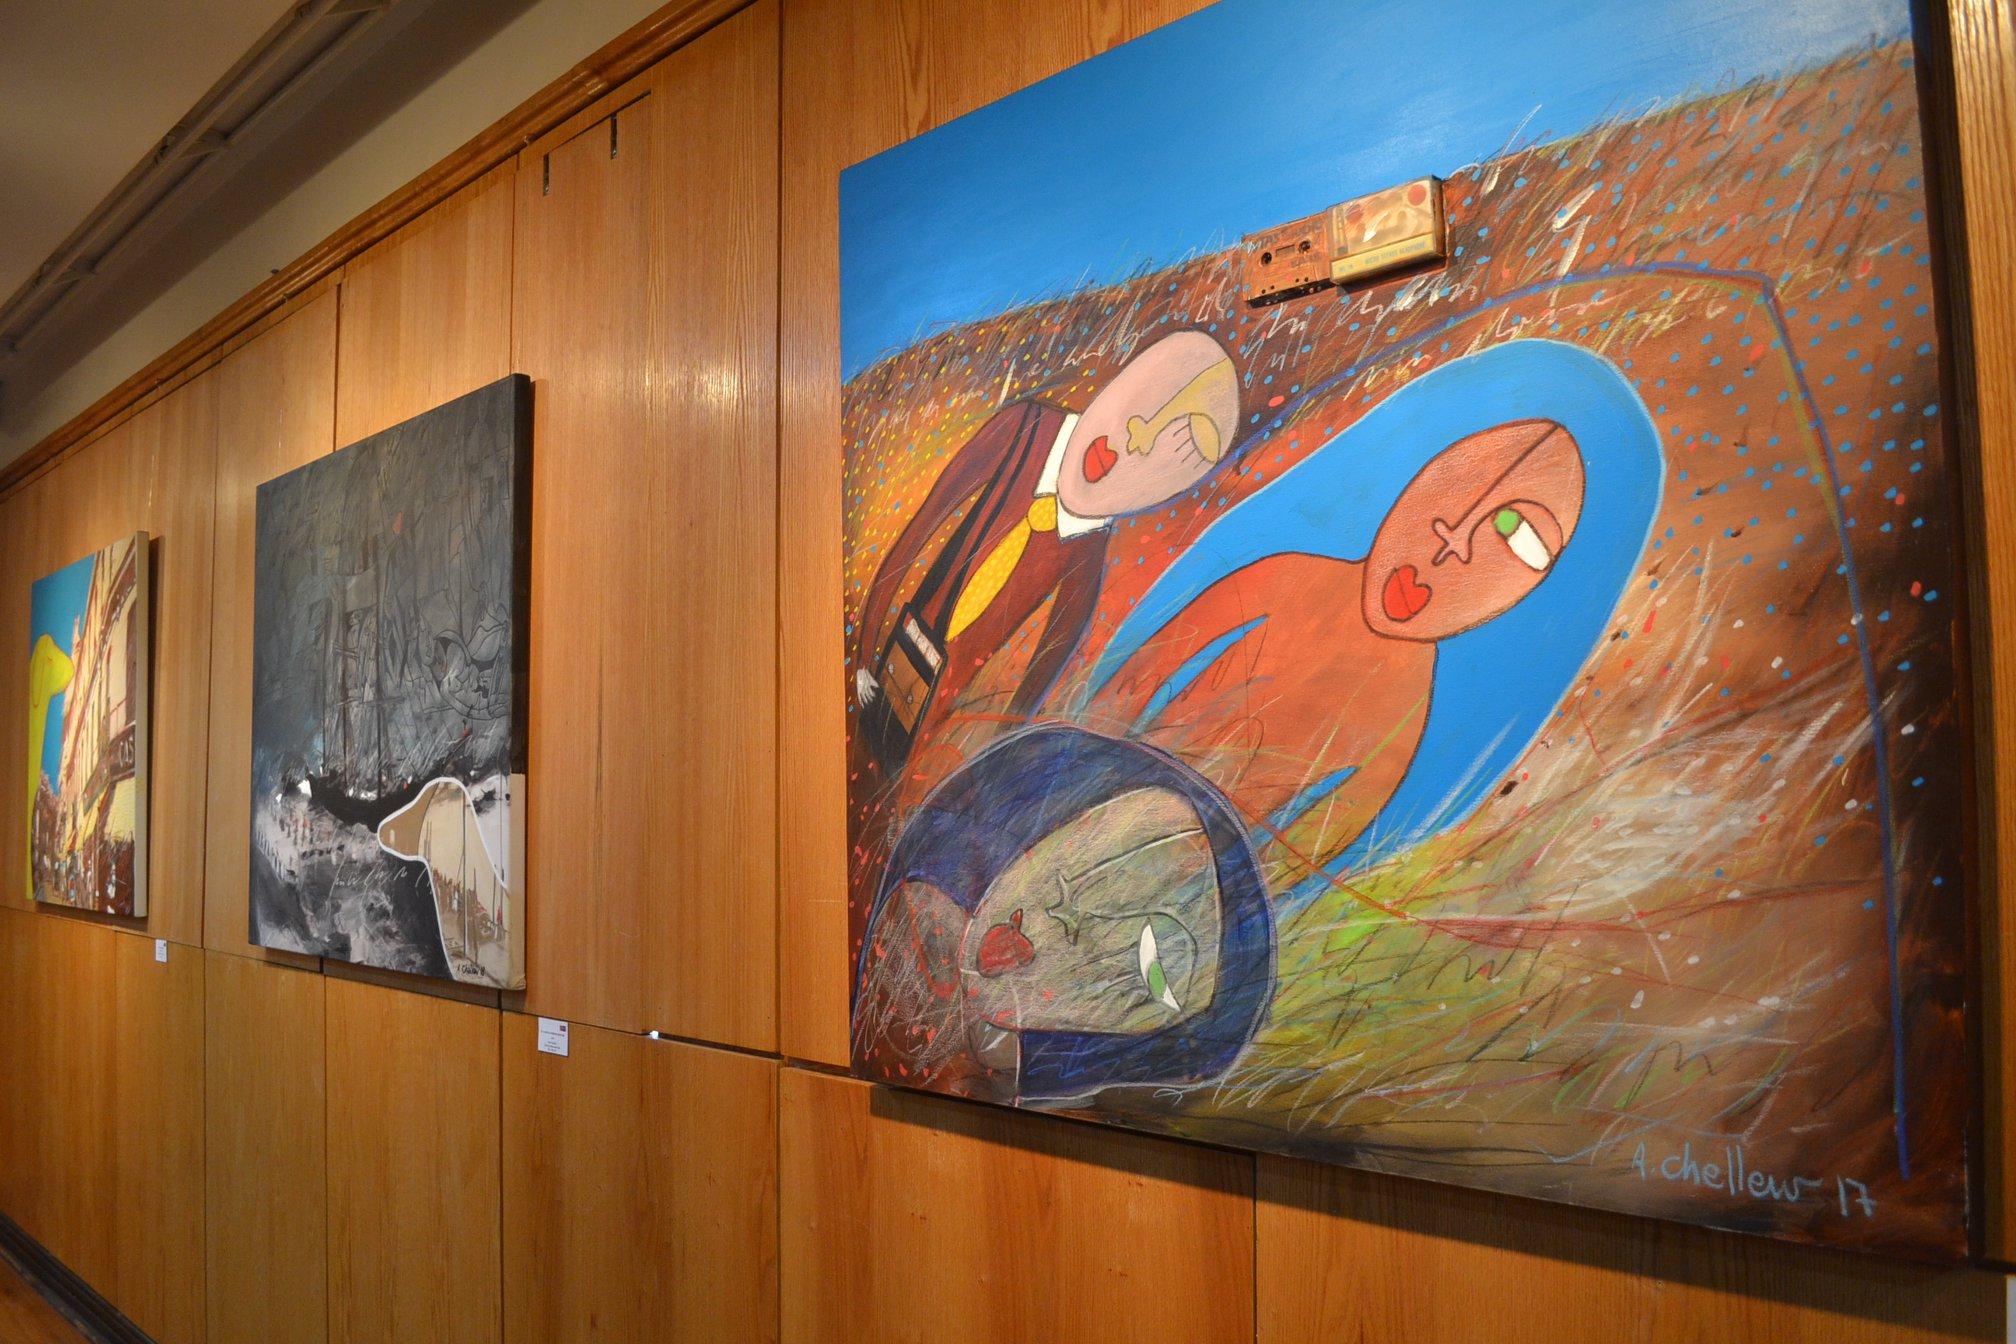 Galería de Arte de U. Autónoma exhibe el viaje interior de Álex Chellew